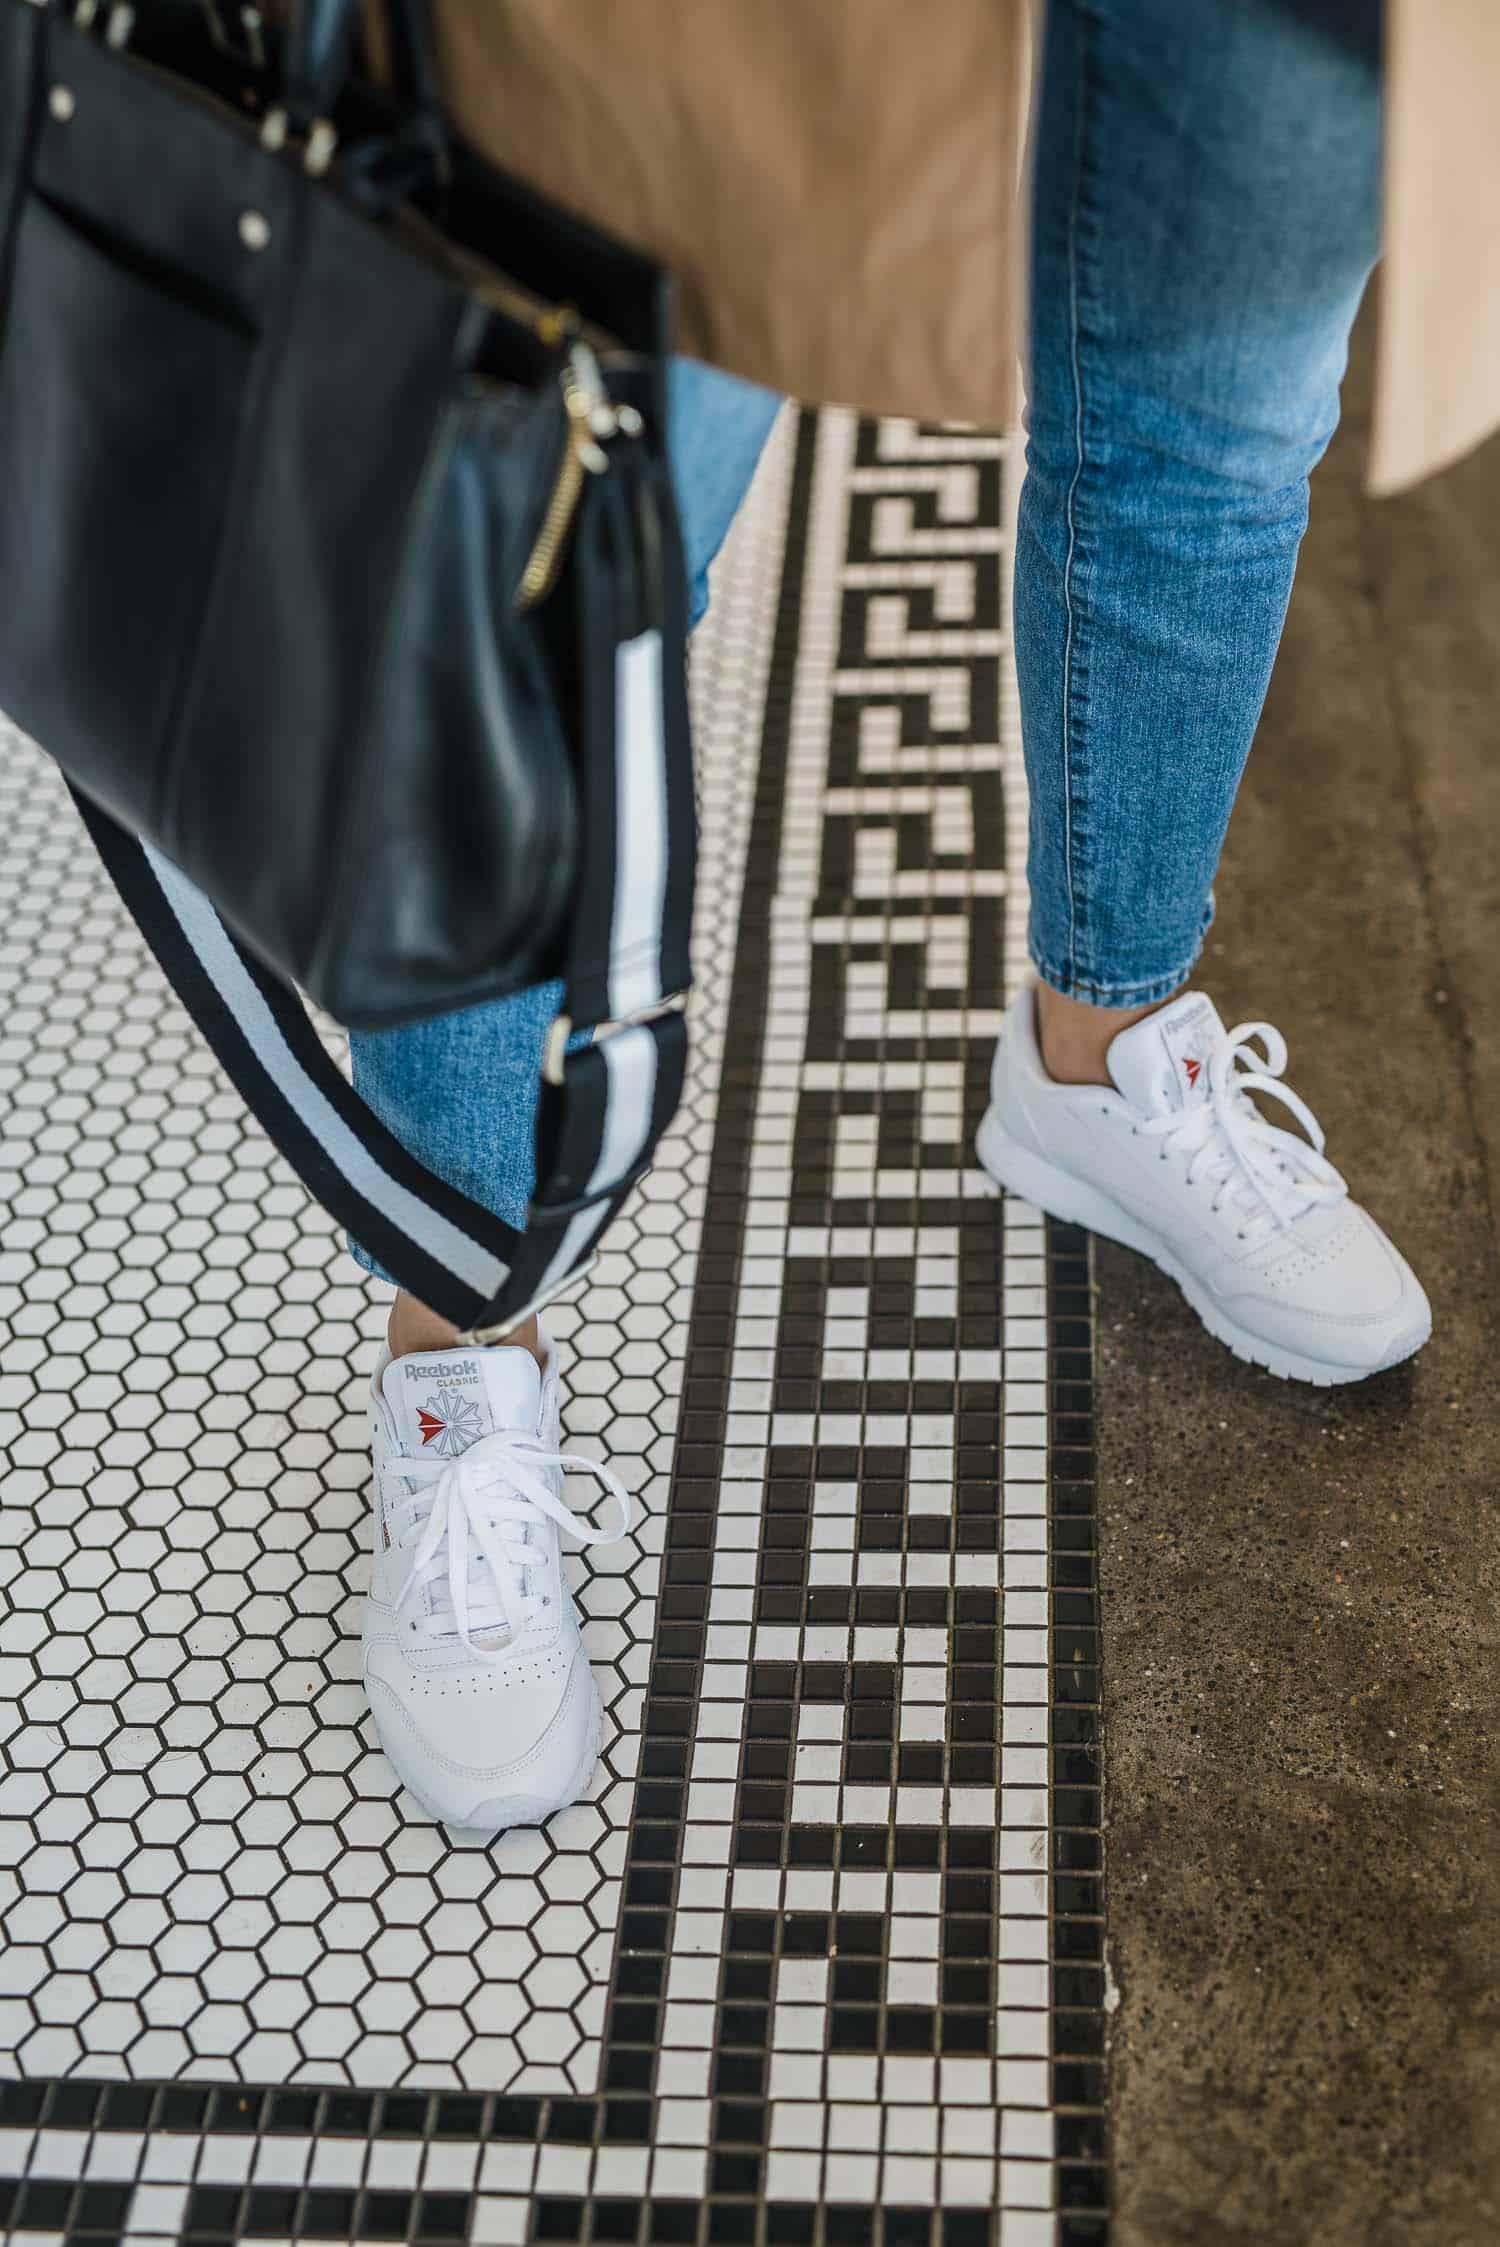 Reebok Sneakers • Radley London Bag